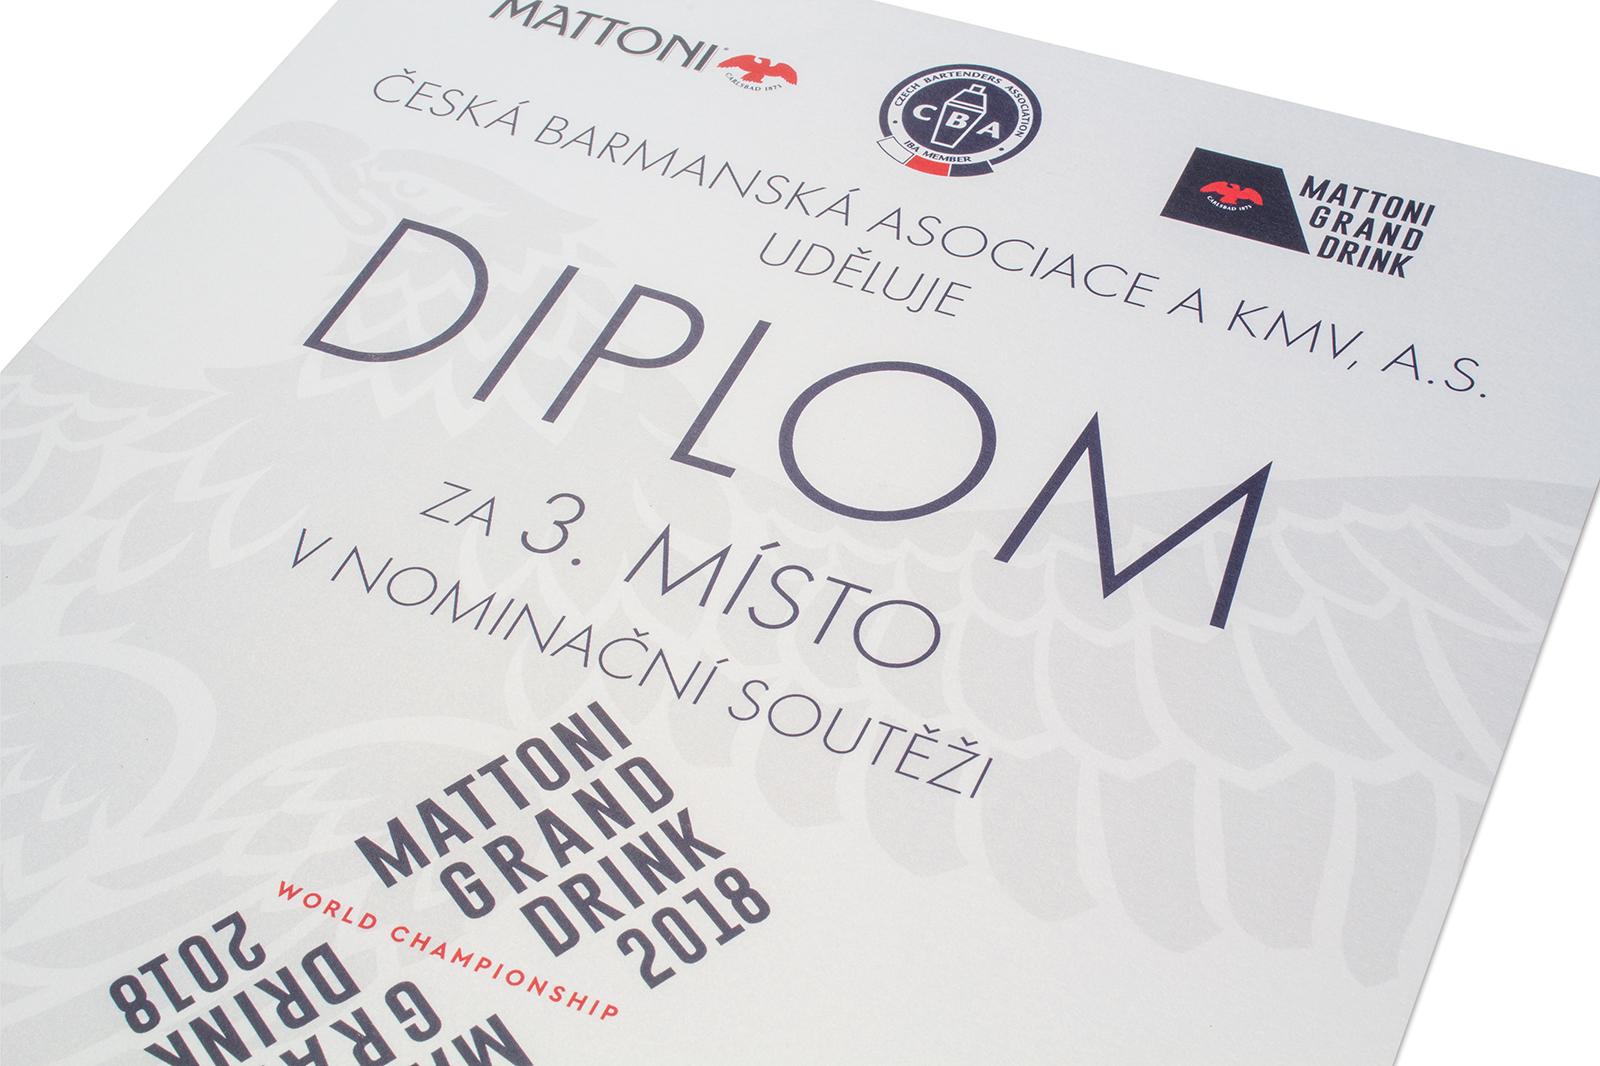 Diplom za umístění -